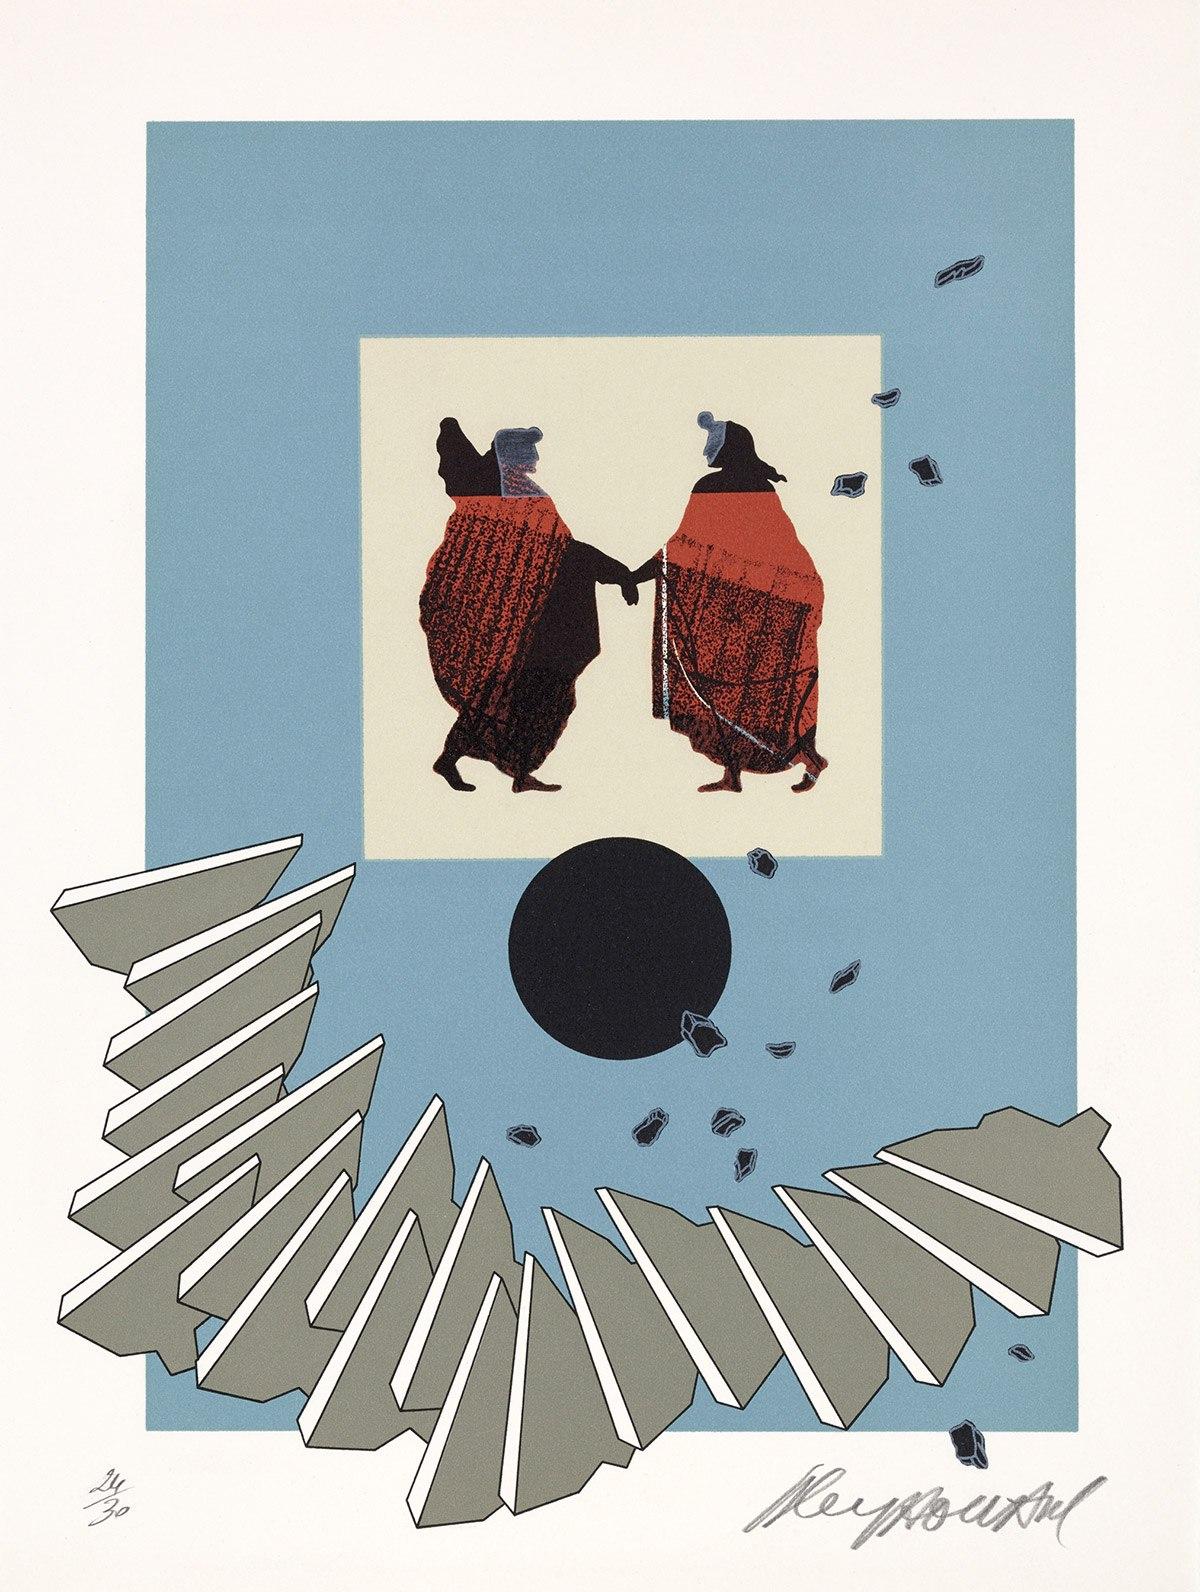 Sans-titre, 1977. Lithographie originale en couleurs tirée à 30 exemplaires sur Japon nacré et 30 exemplaires sur vélin d'Arches. Impression: Art Lithos. 32 x 43 cm.